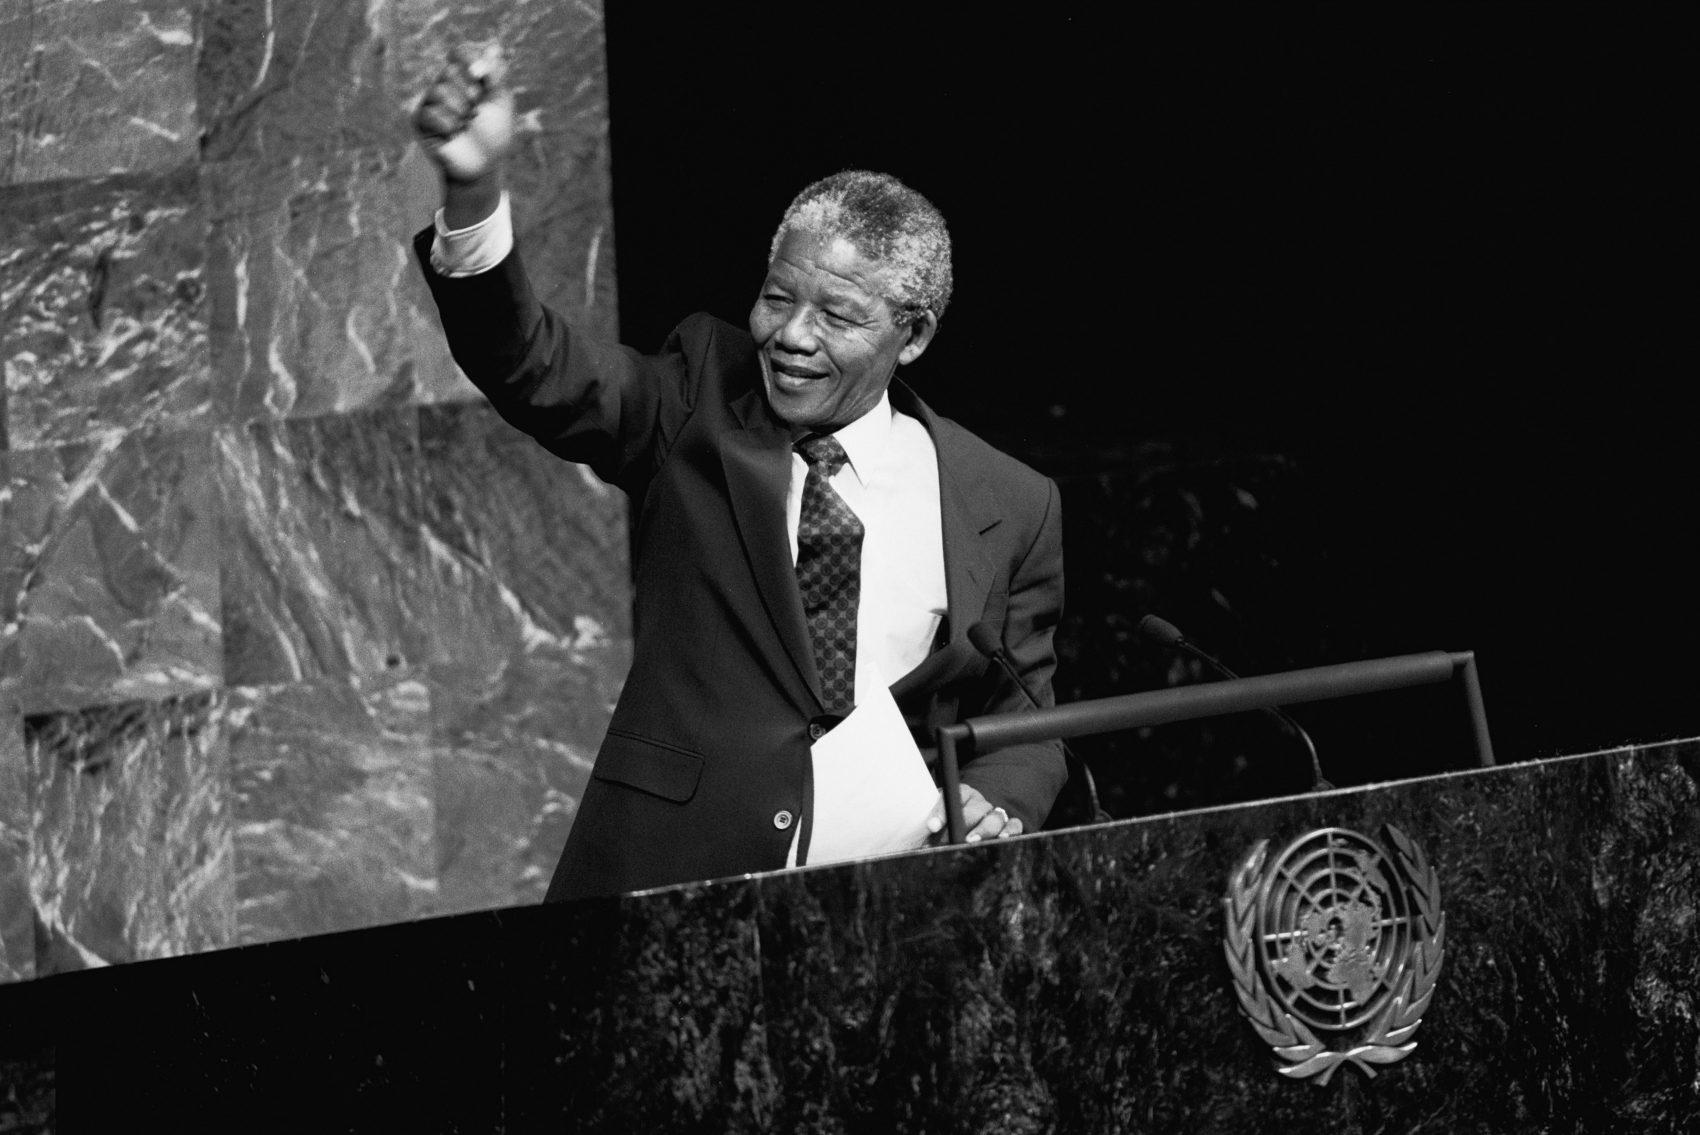 Mandela discursando na ONU: o líder ganhou uma data comemorativa, que marca o dia de seu nascimento - o Mandela Day (Foto Ann Ronan Picture Library / Photo12/AFP)